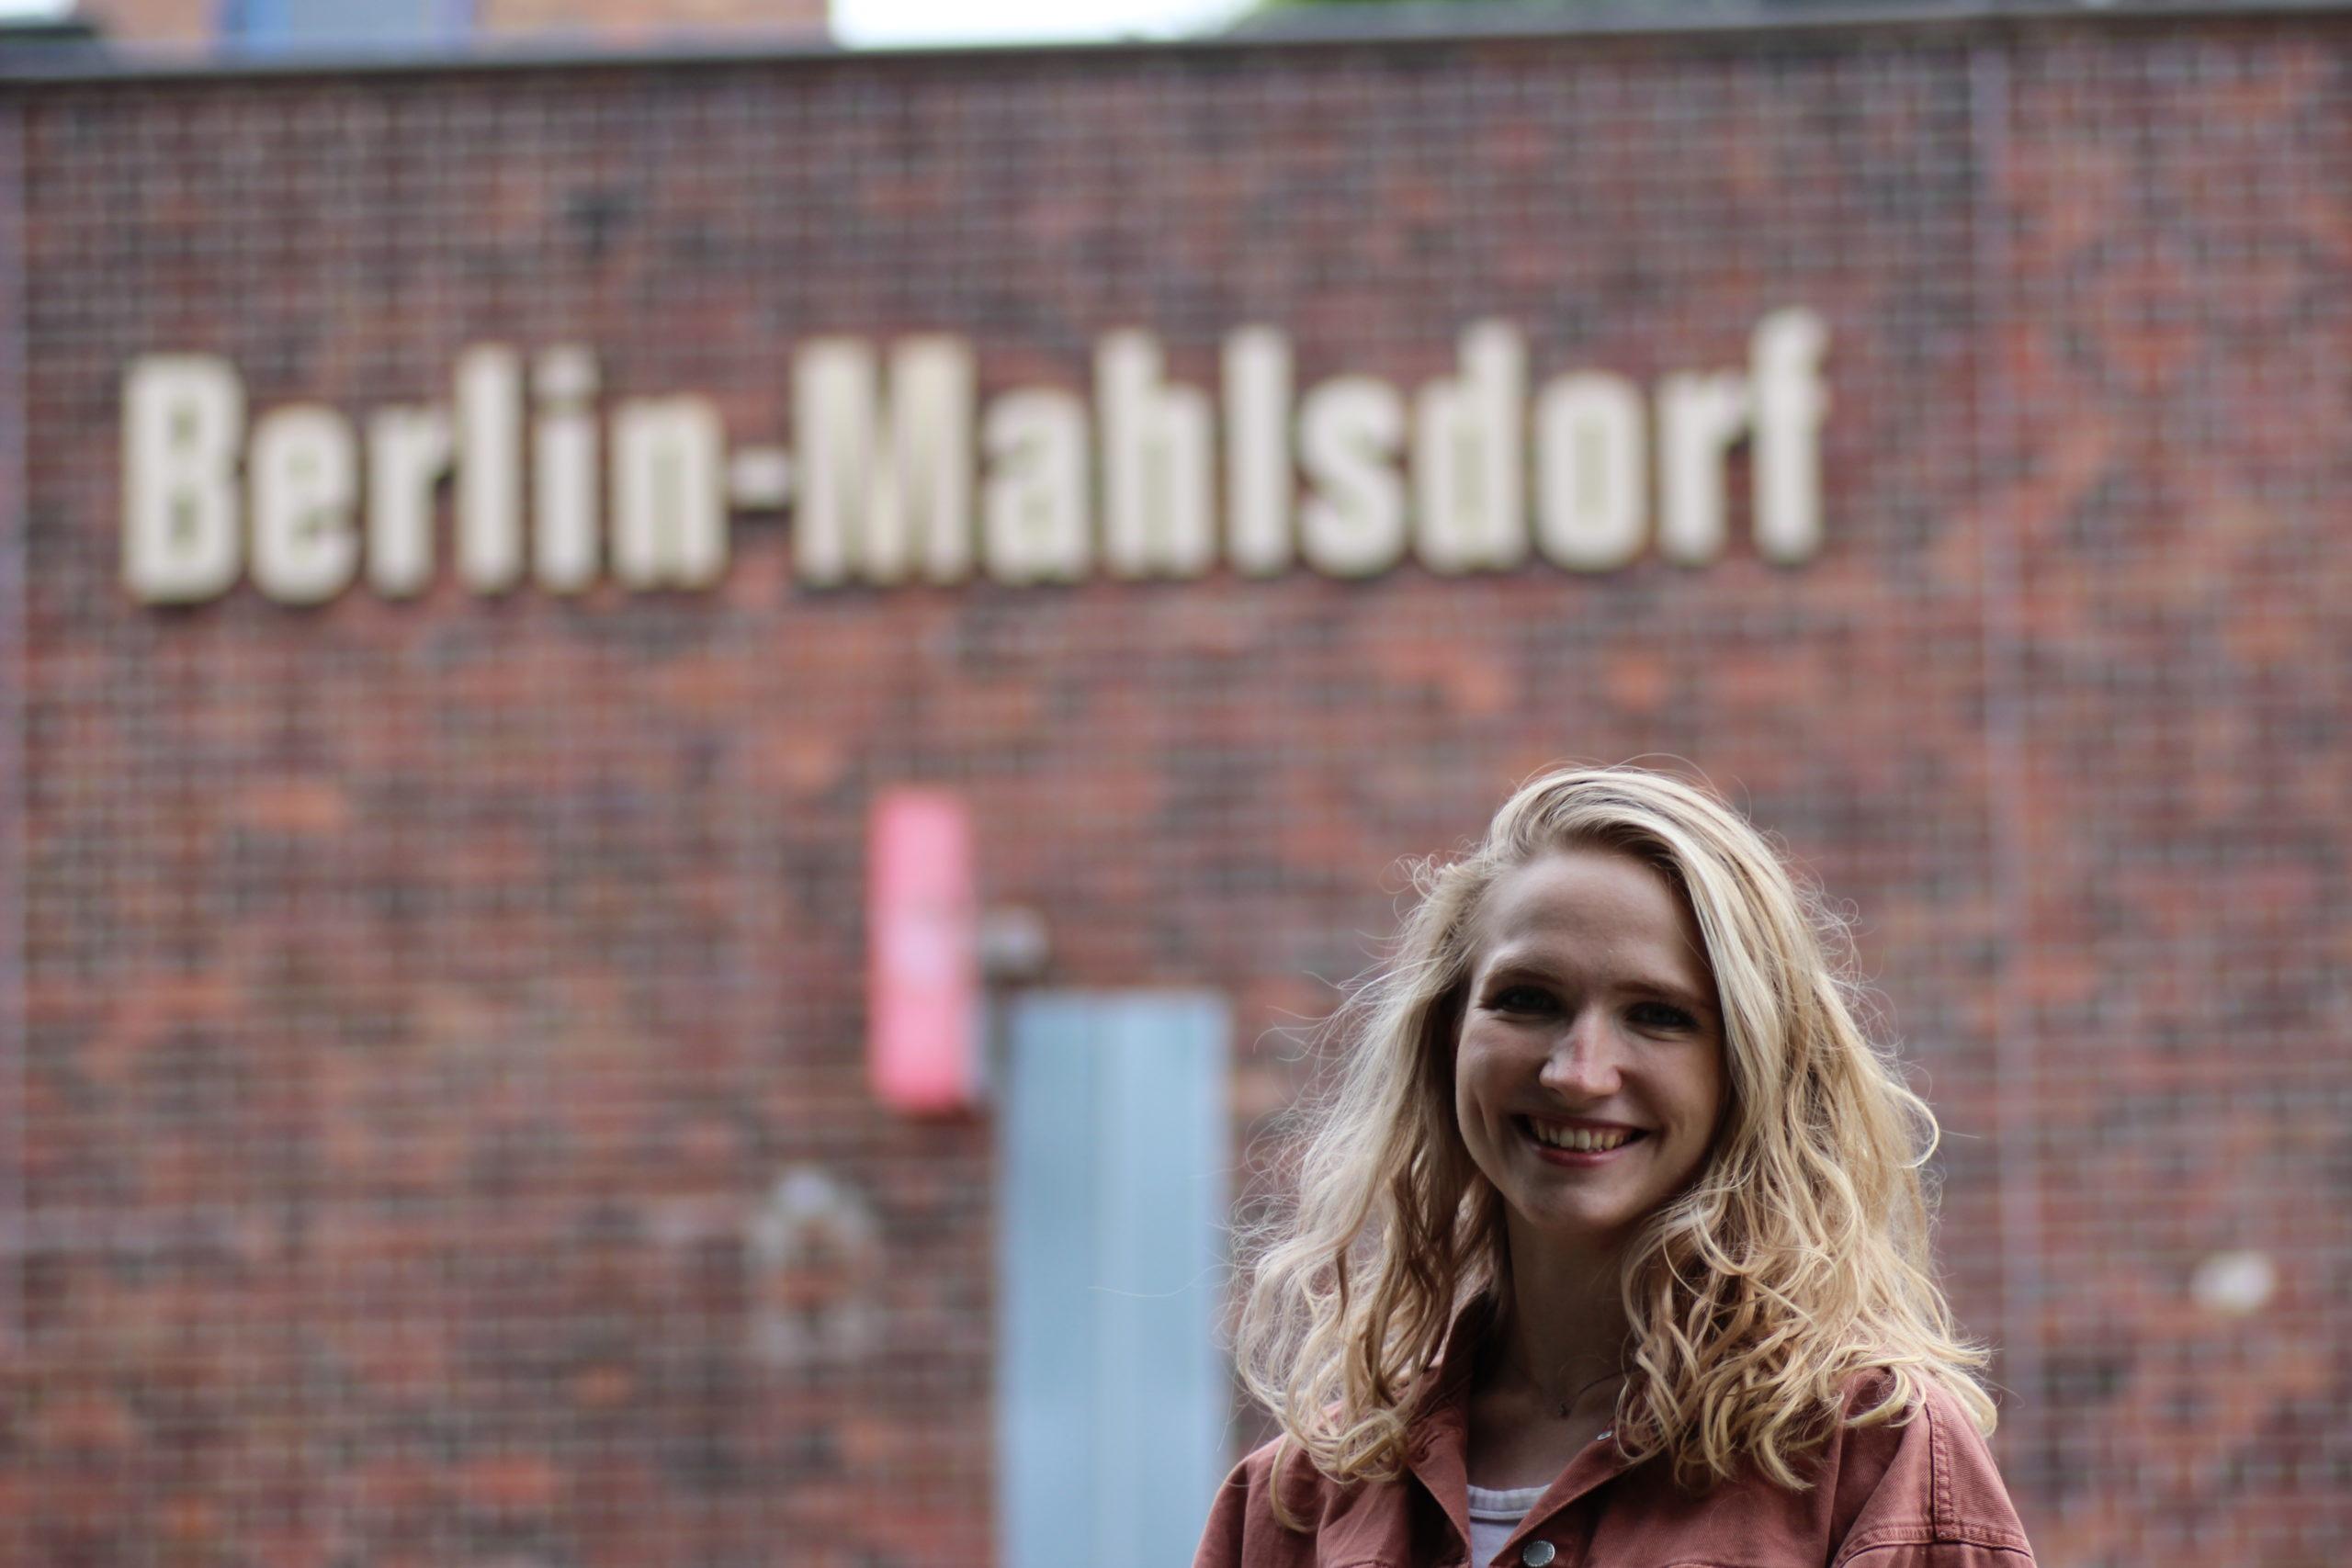 Bild von Luise am S-Bahnhof Mahlsdorf